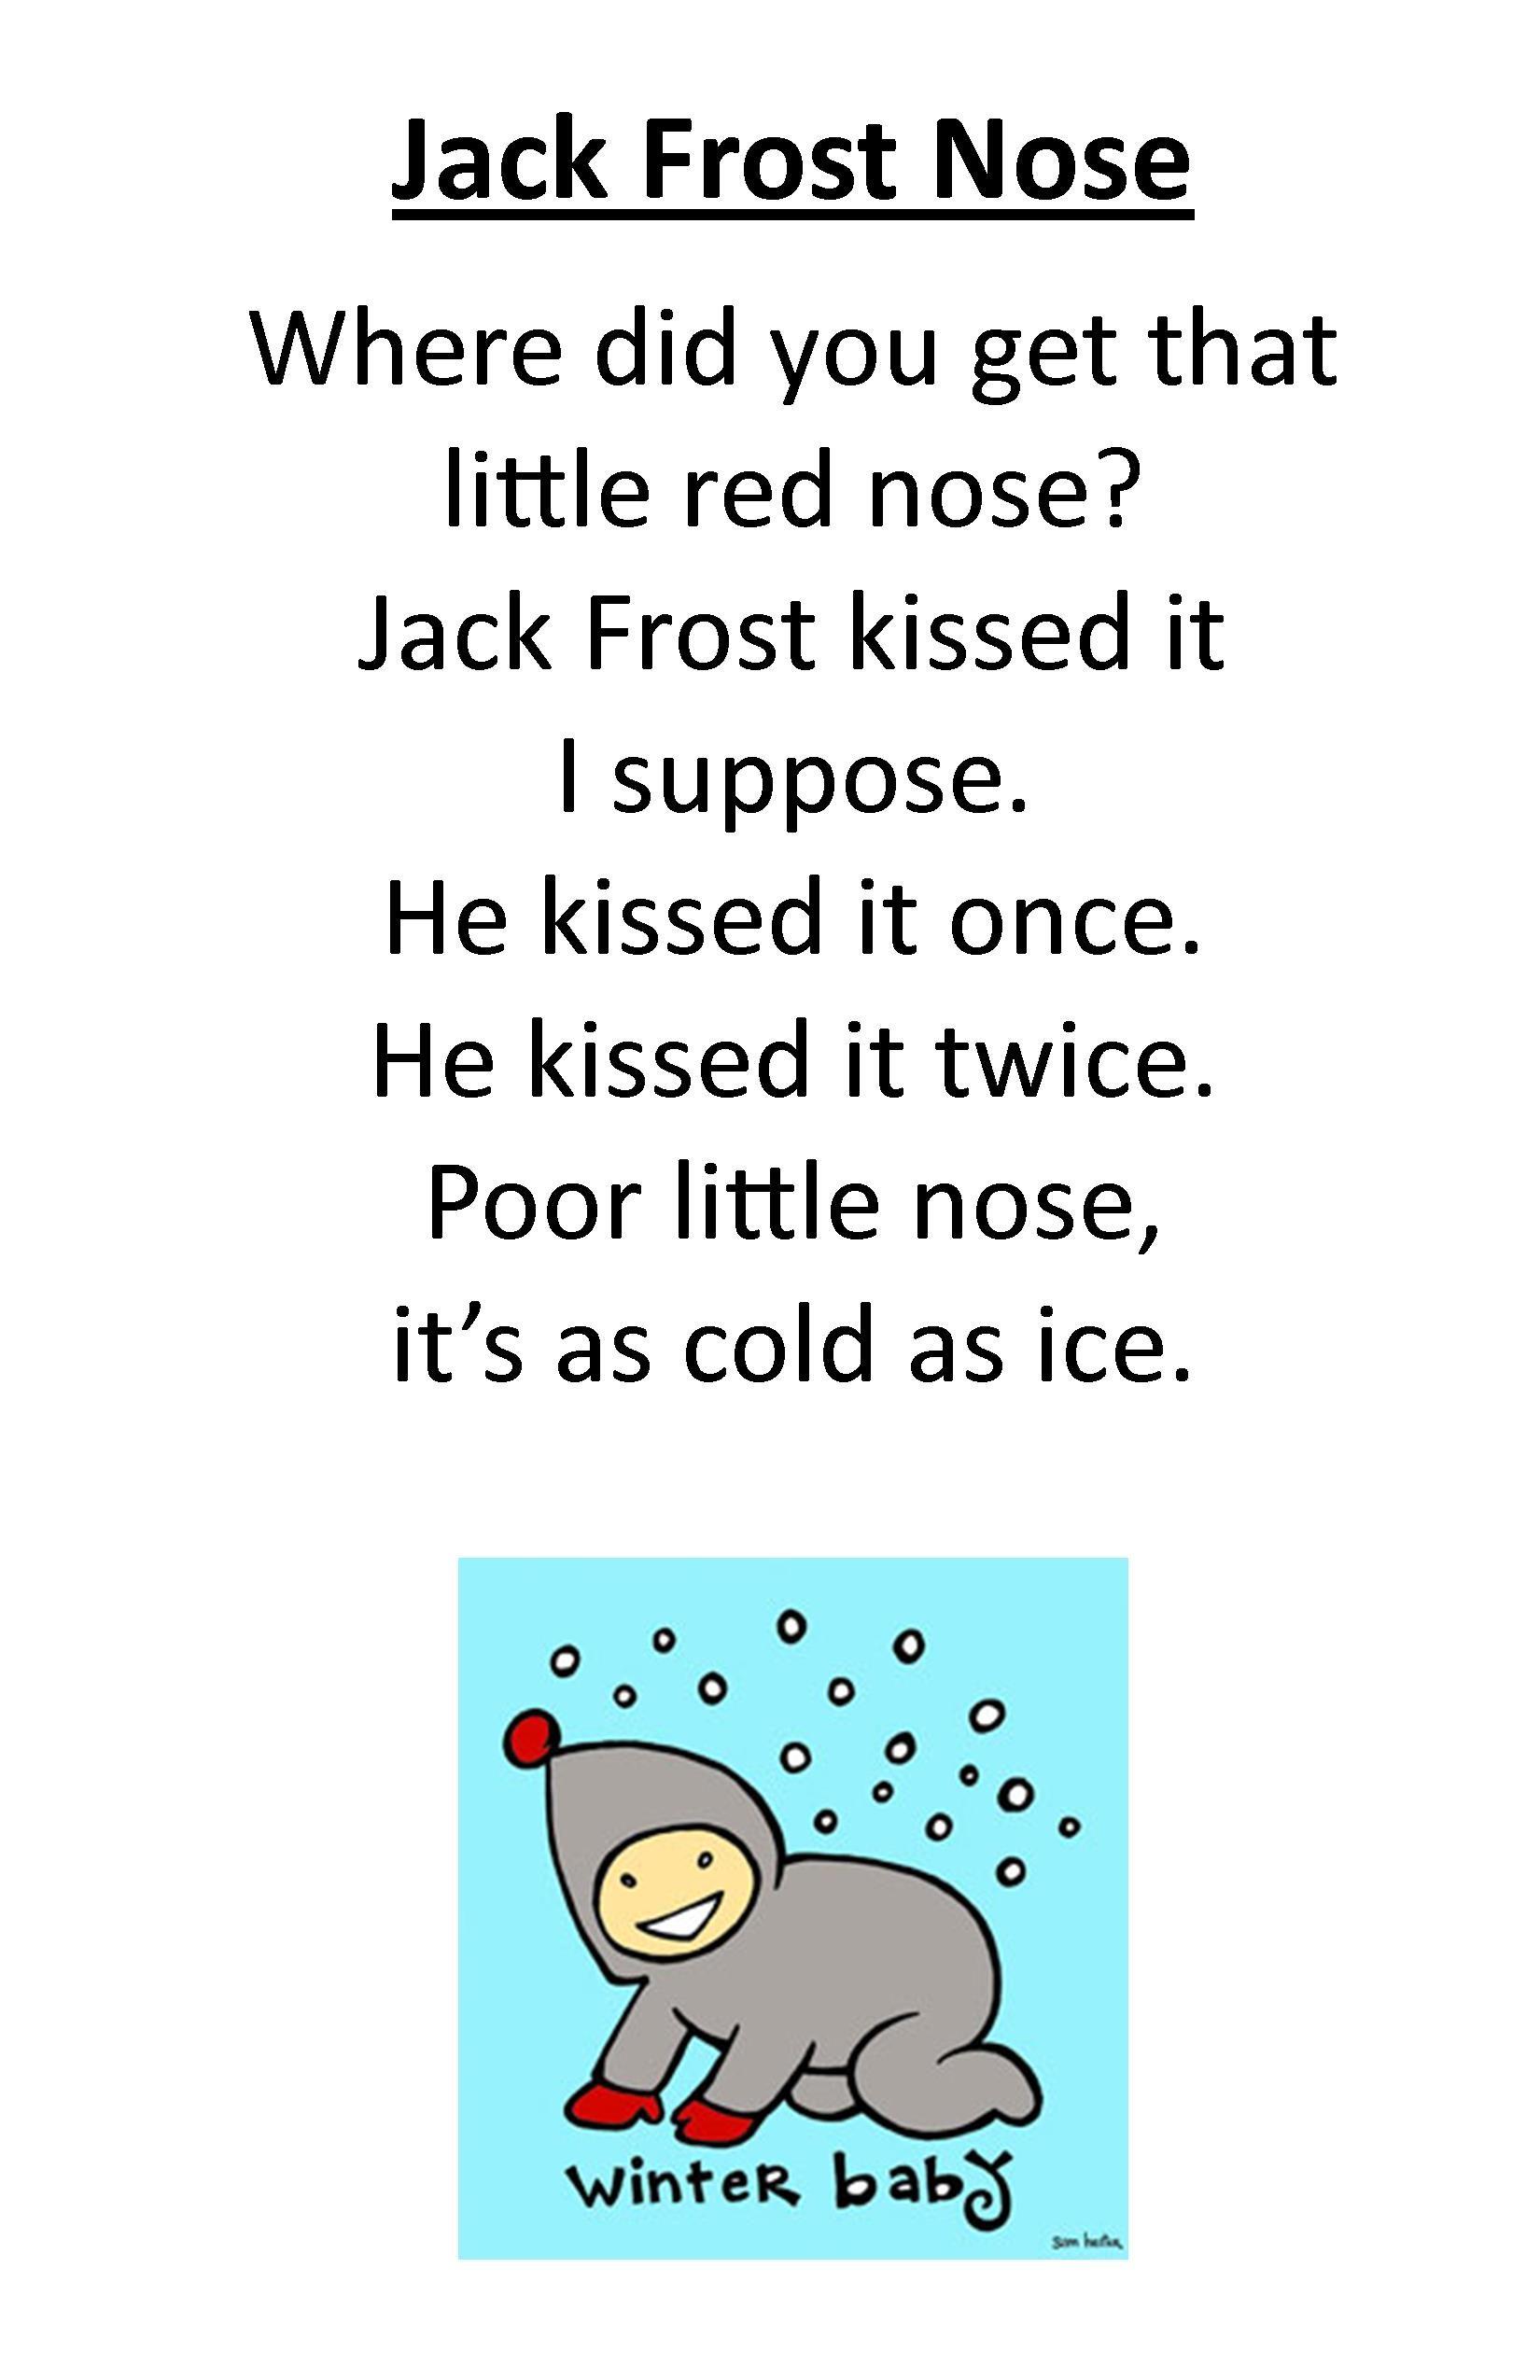 itty bitty rhyme jack frost nose preschool songs fun songs kids kids poems